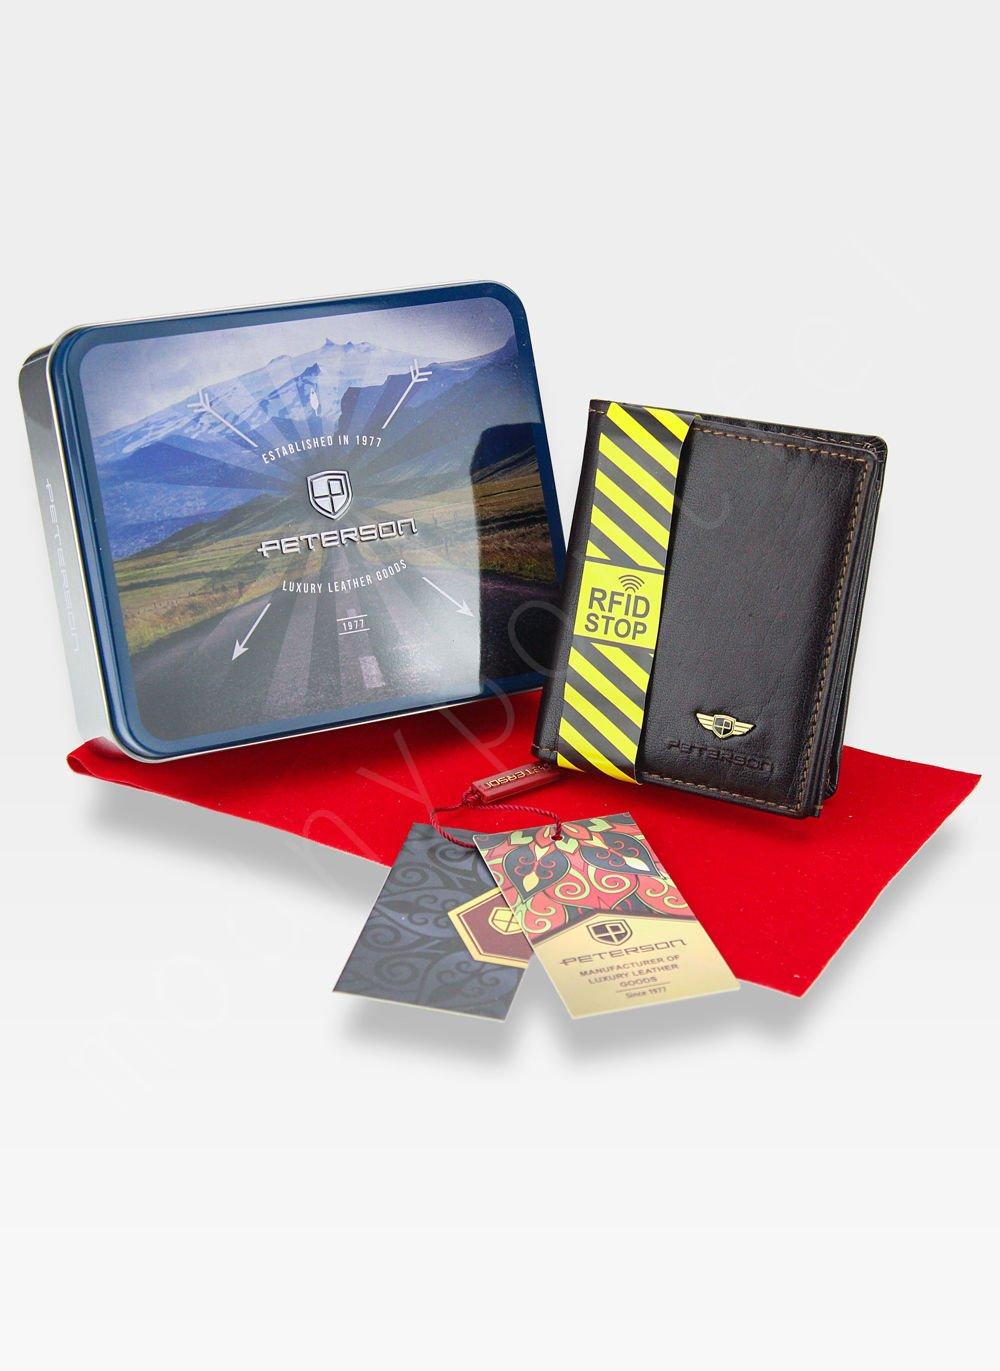 d25110a7d481b0 Kompaktowy Portfel Męski Skórzany Peterson Ciemny Brąz 365 RFID STOP  Kliknij, aby powiększyć ...